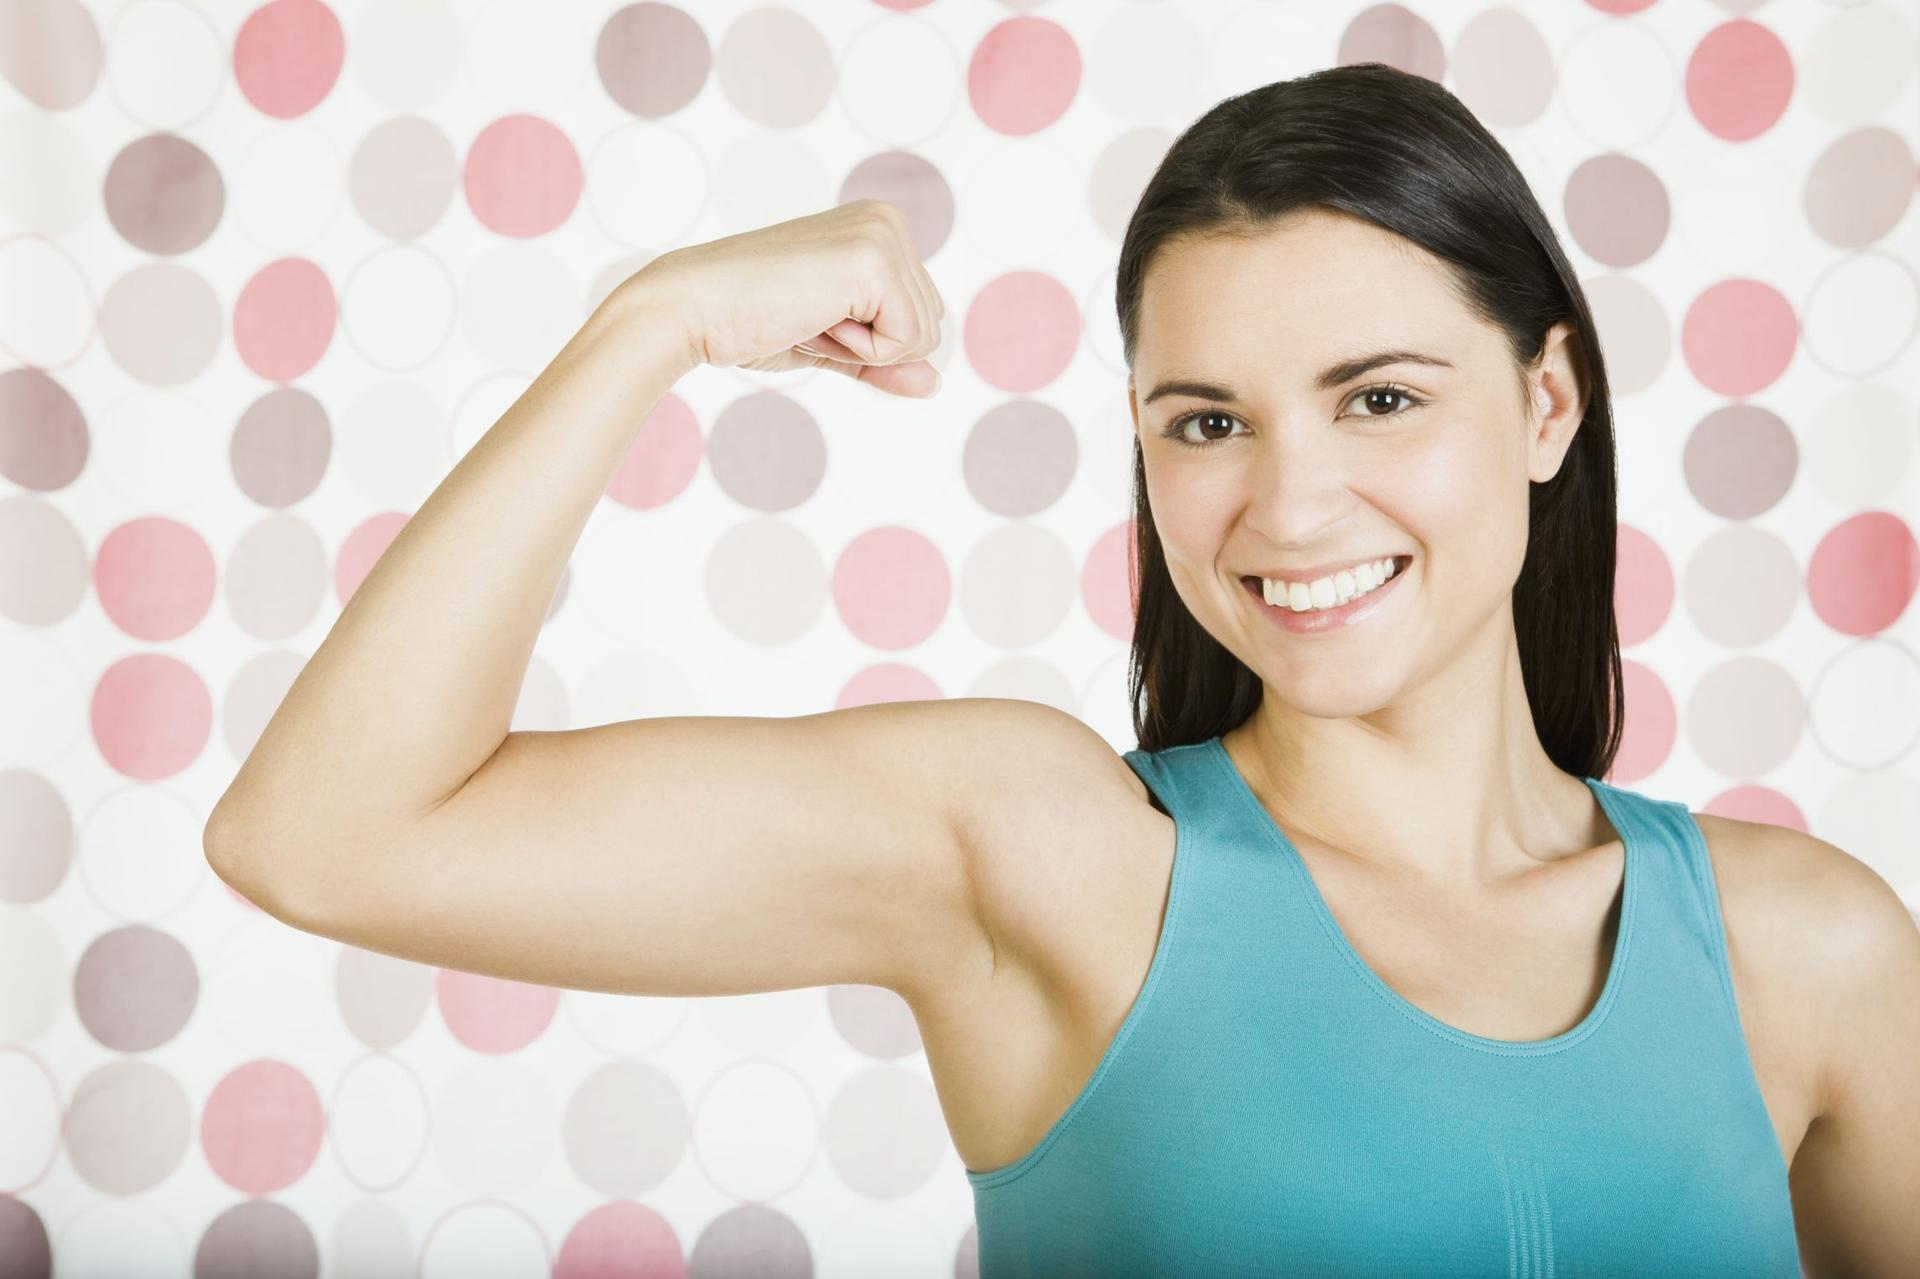 Быстрое Похудение В Руках. Как похудеть в руках и плечах быстро и эффективно